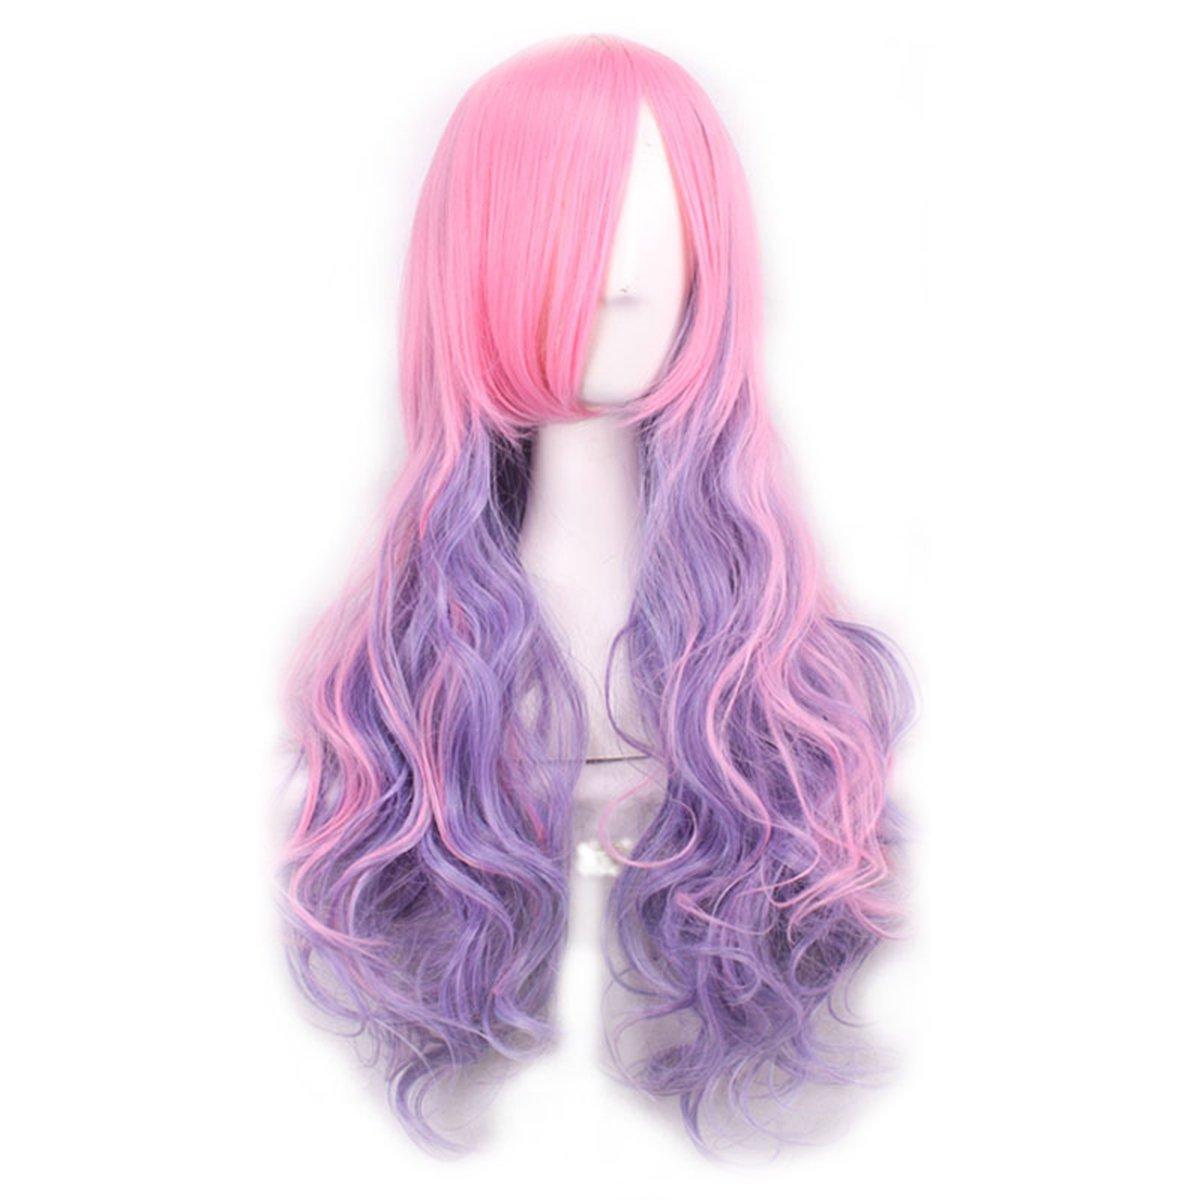 6 Multi-color frauen Perücke Langes Lockiges Haar Hitzebeständige Perücken für Frauen Mädchen Frcolor 27 Rosa // Lila